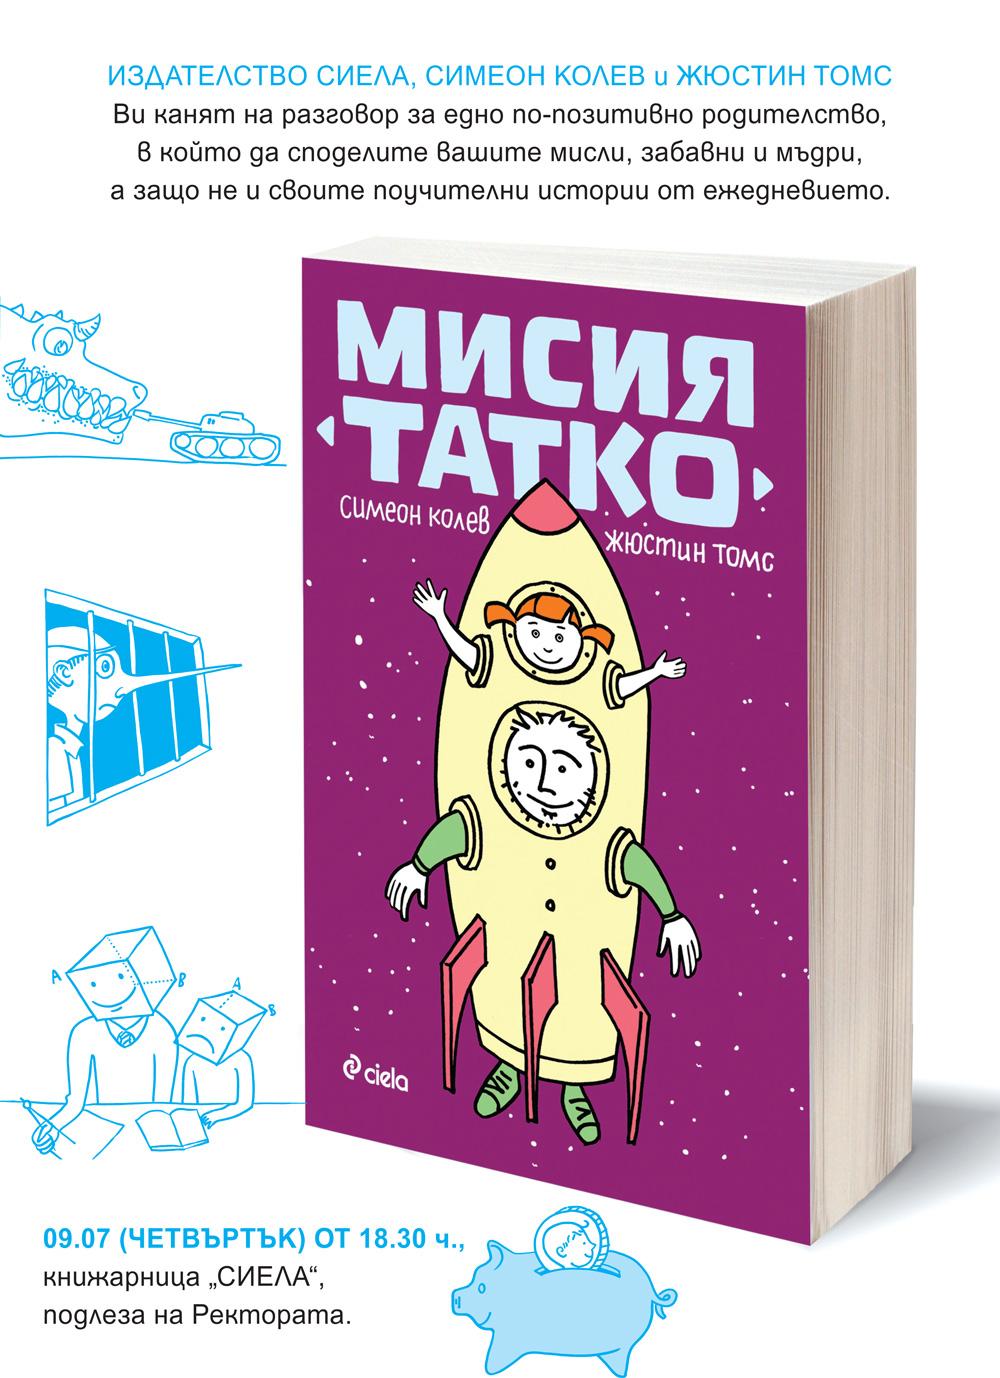 """Представяне на """"Мисия татко"""" - упътване за родители от Симеон Колев и Жюстин Томс"""